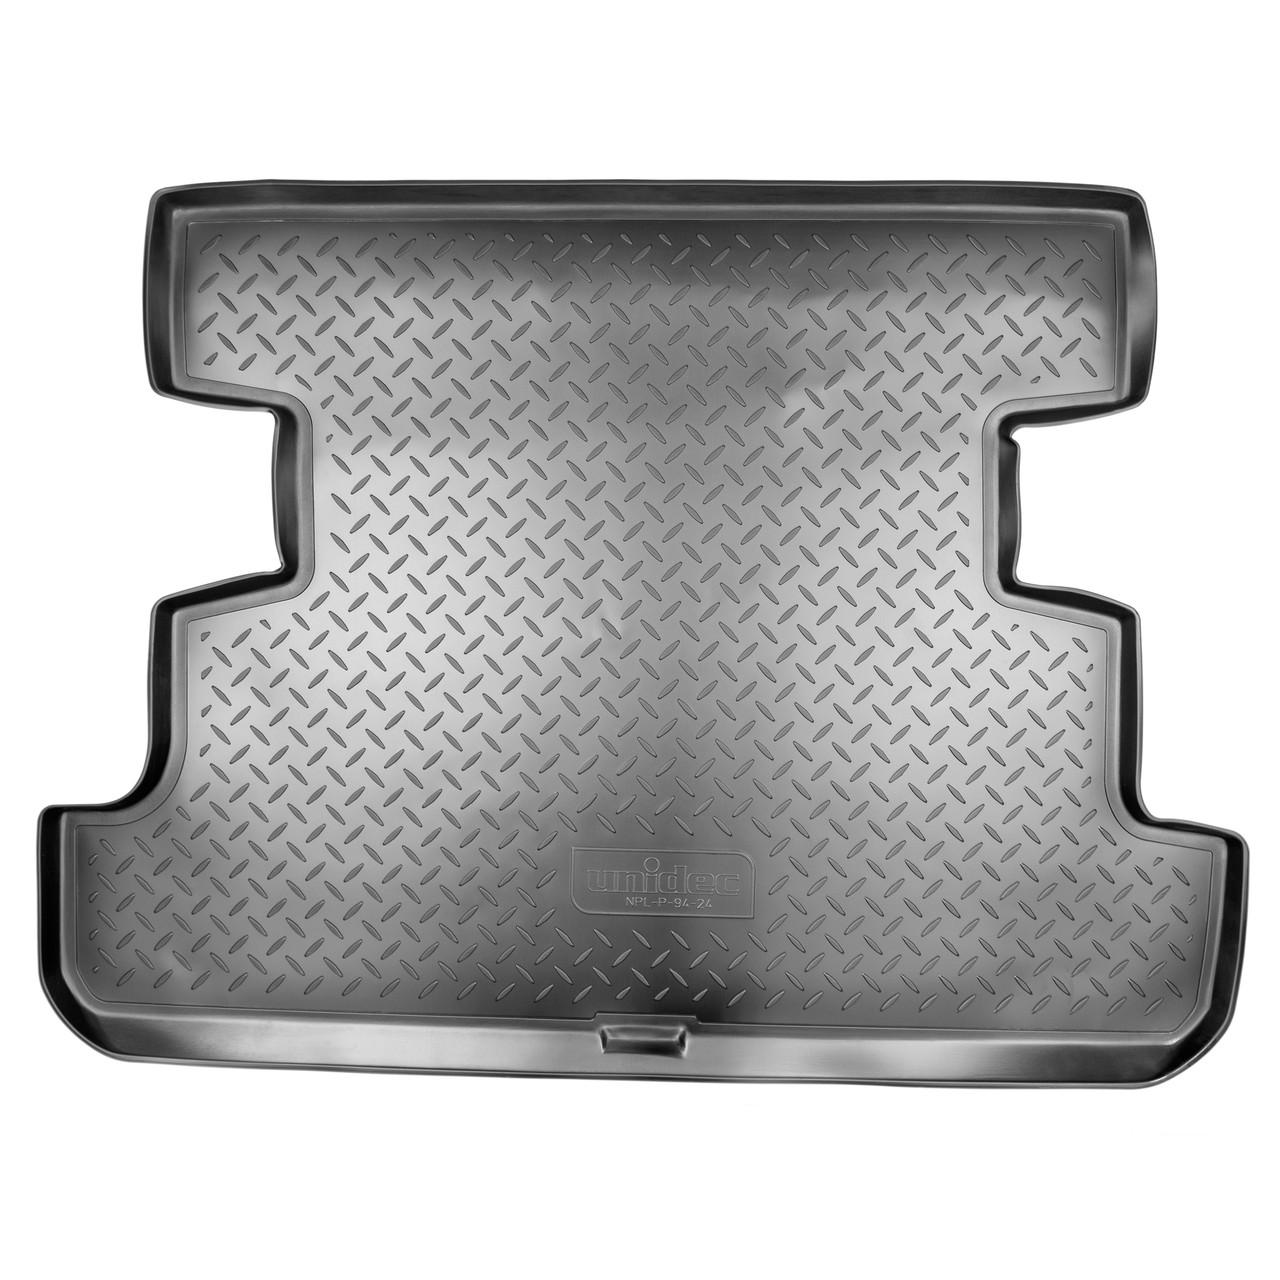 Коврик в багажник Нива 2131 4x4 5дв. (2009-2020)